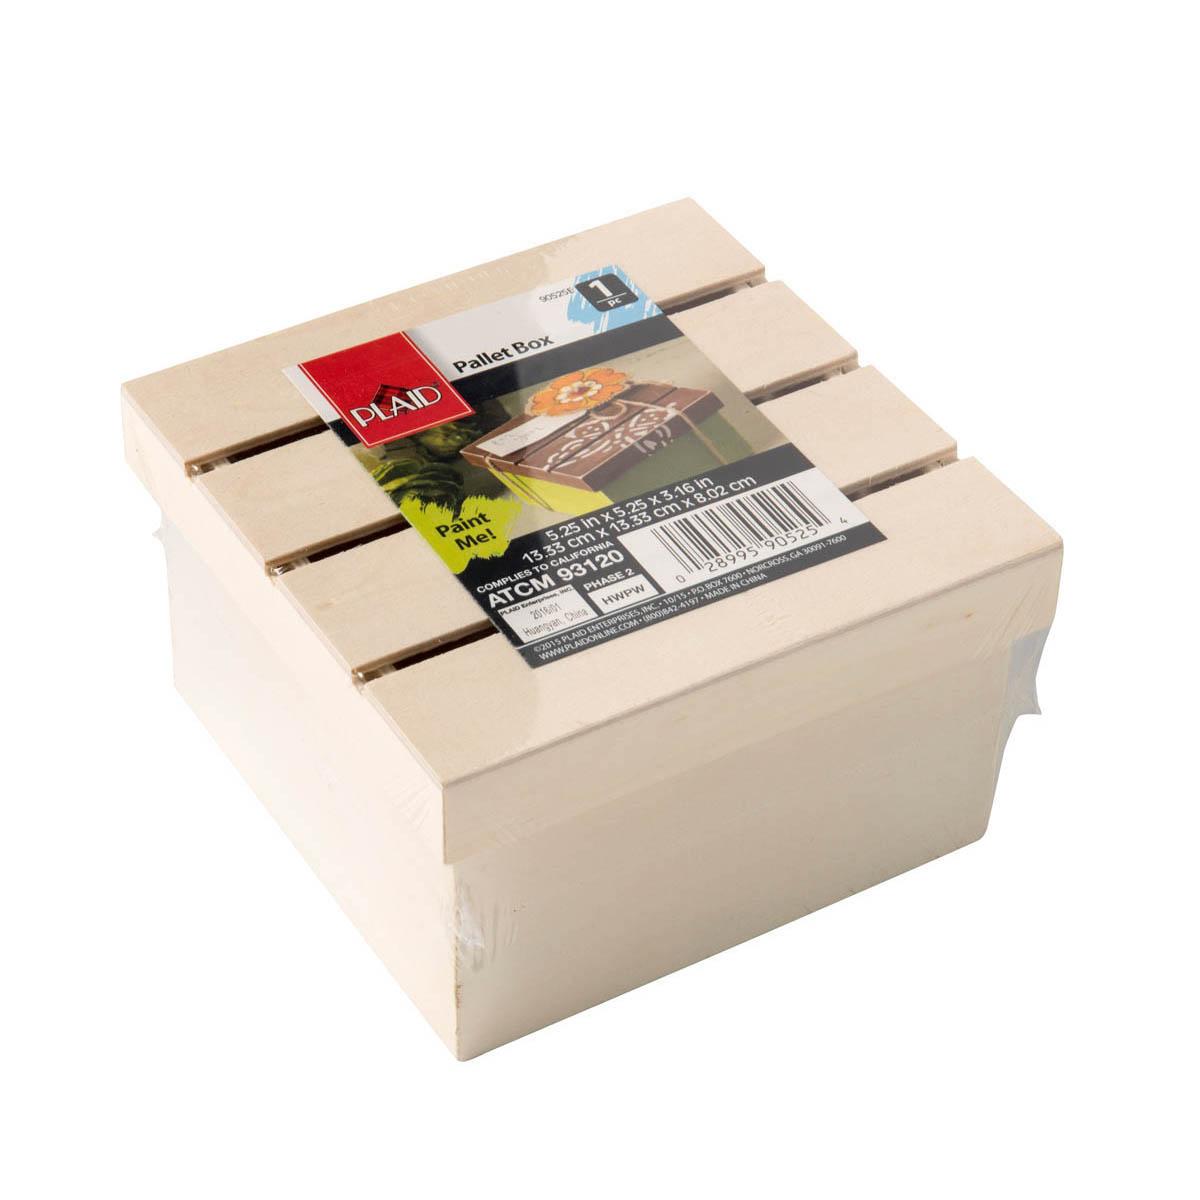 Plaid ® Wood Surfaces - Pallet Box